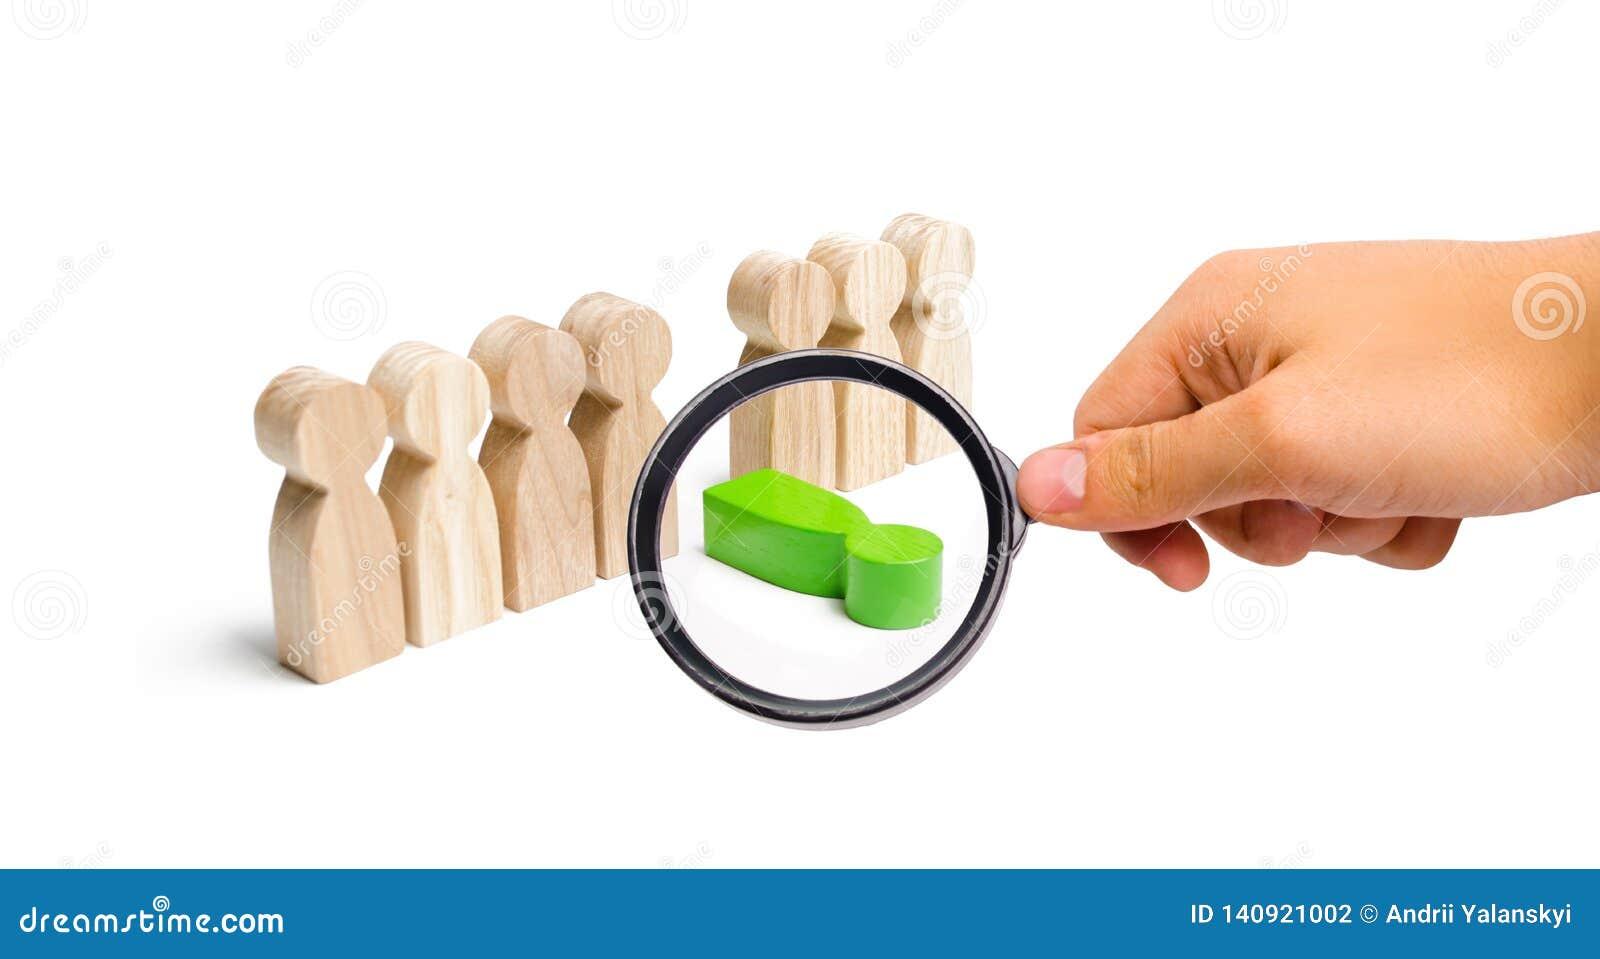 Лупа смотрит зеленую диаграмму человека падает из линии людей Нравственное и физическое высасывание, слабое звено